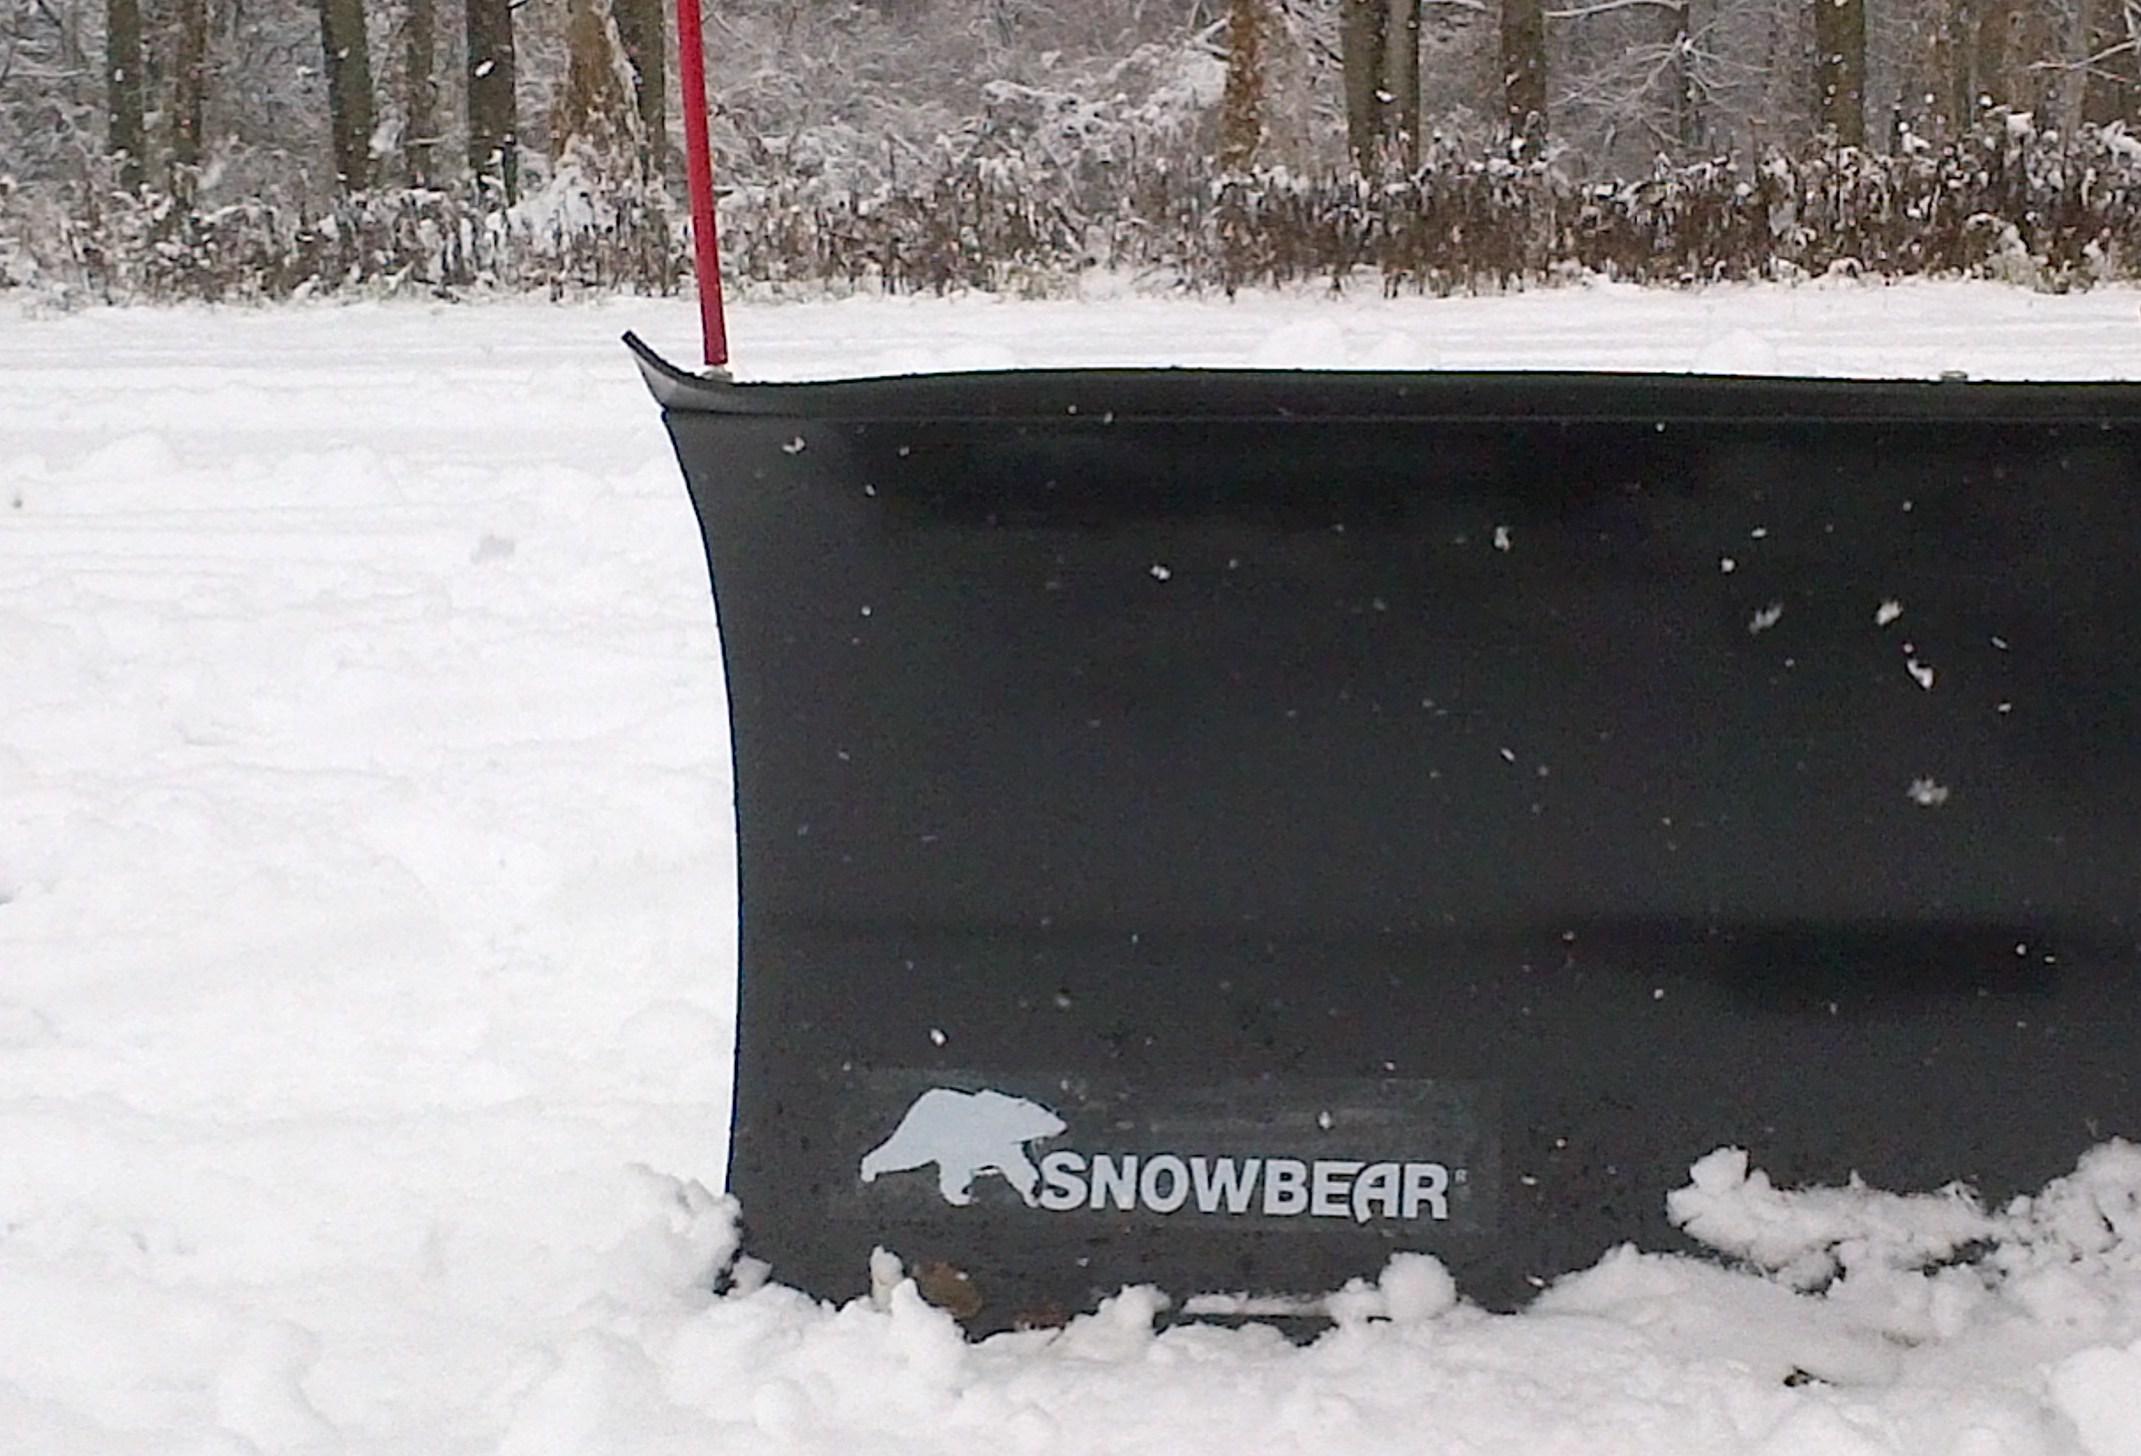 https://0901.nccdn.net/4_2/000/000/017/e75/SnowBear_-Logo-.jpg